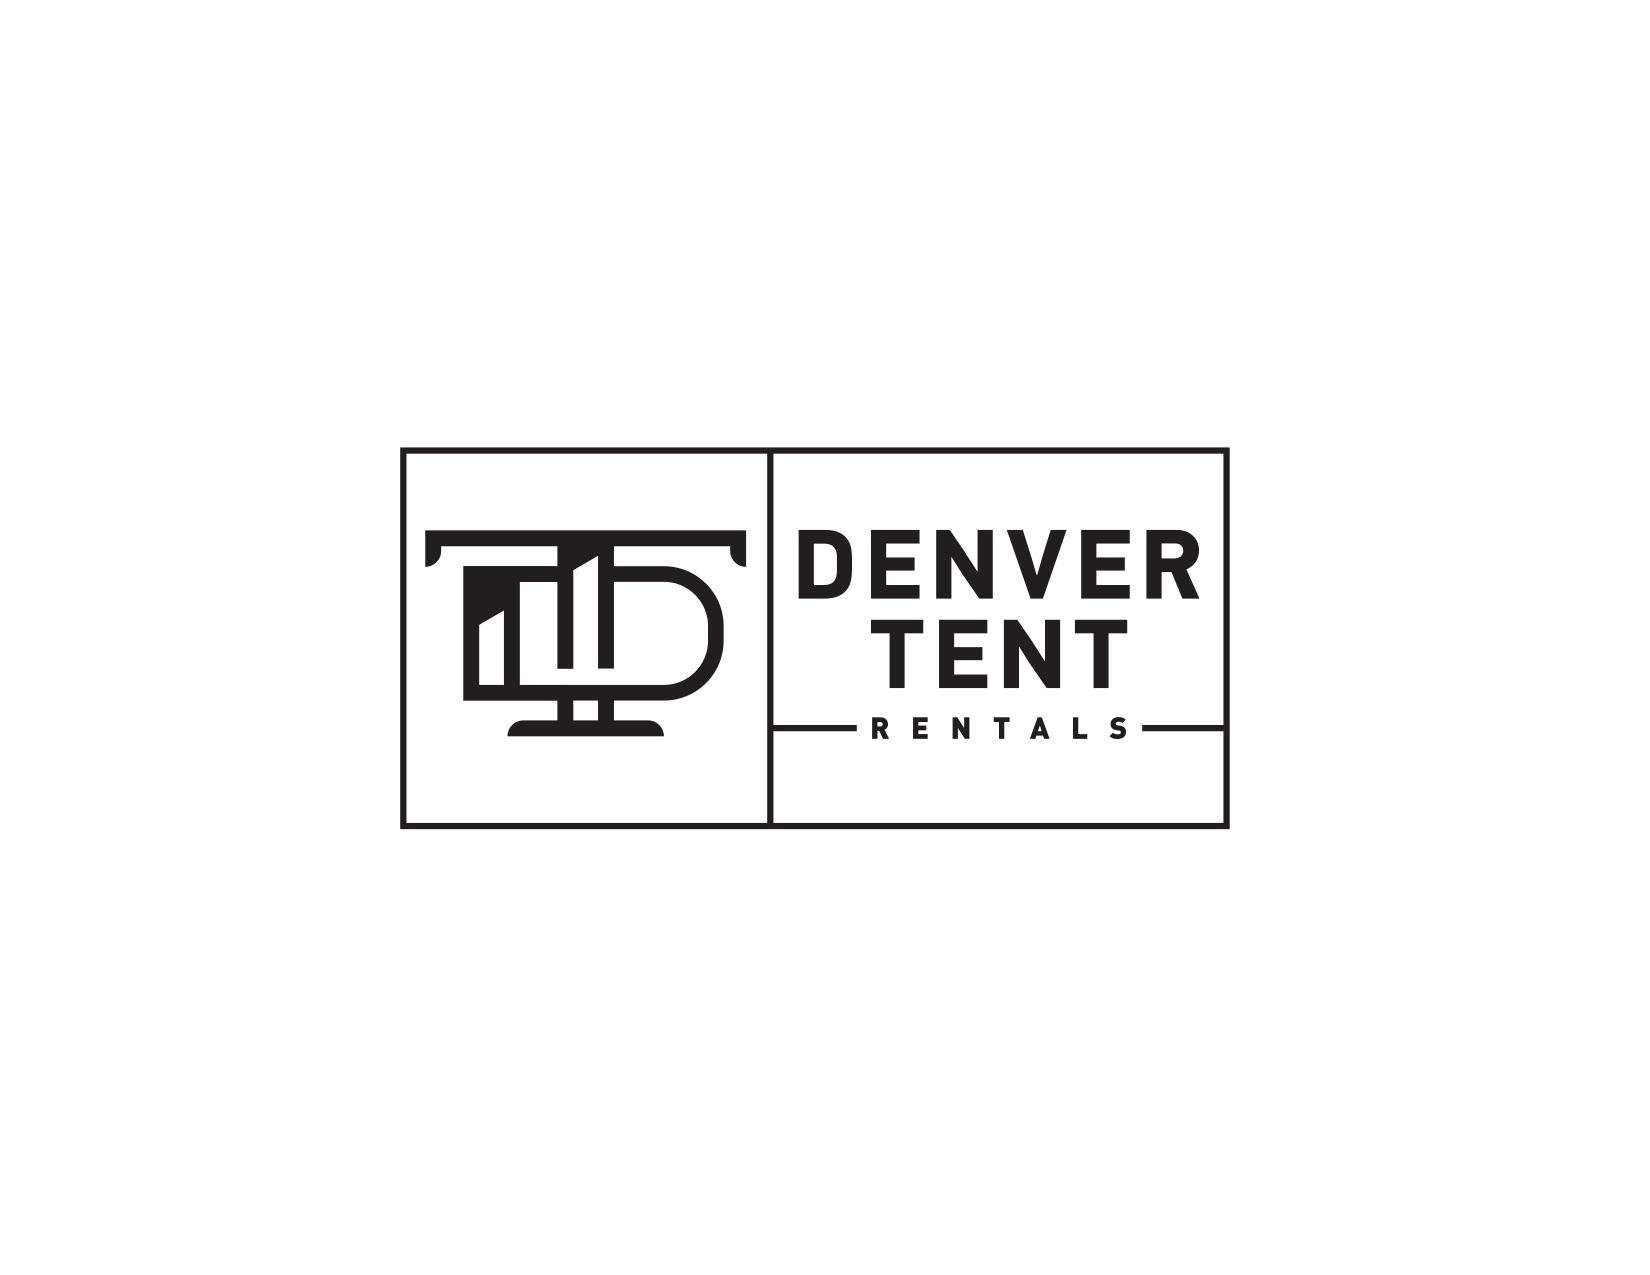 denver tent company logo.jpg